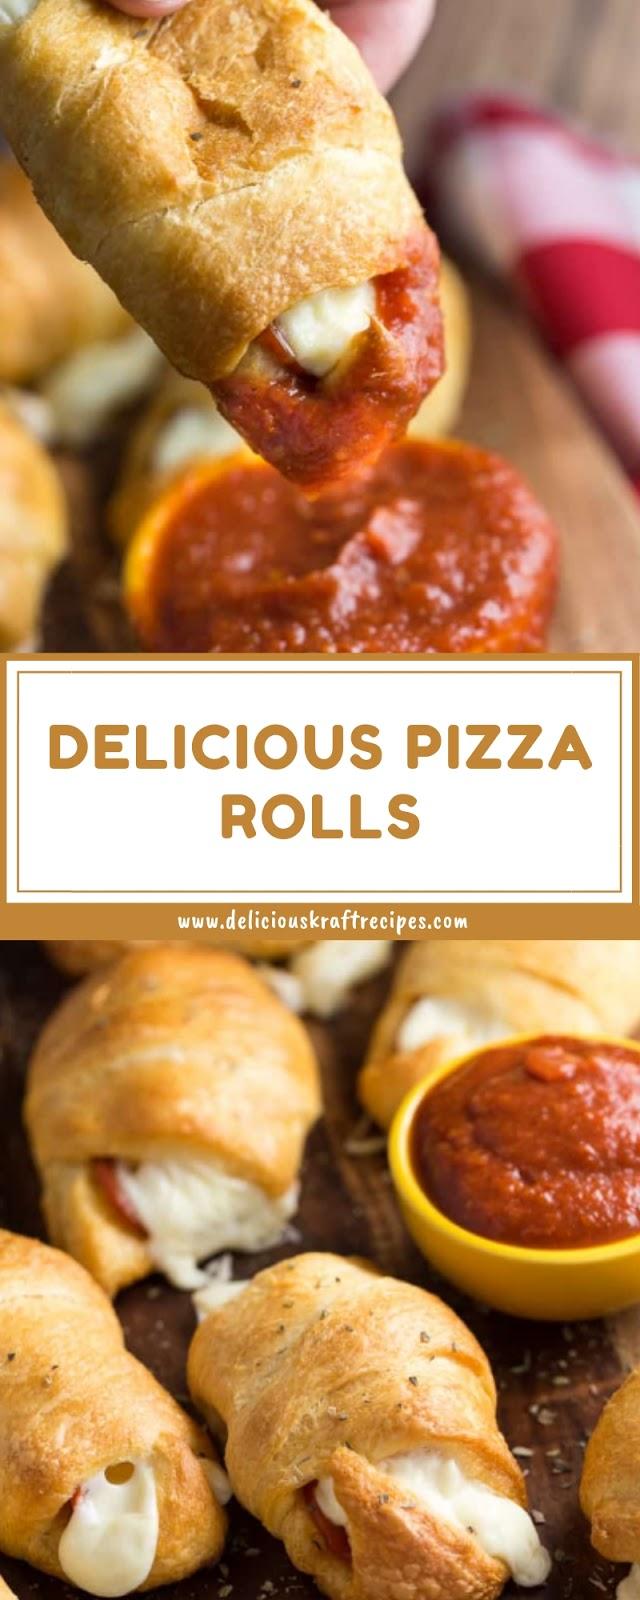 DELICIOUS PIZZA ROLLS